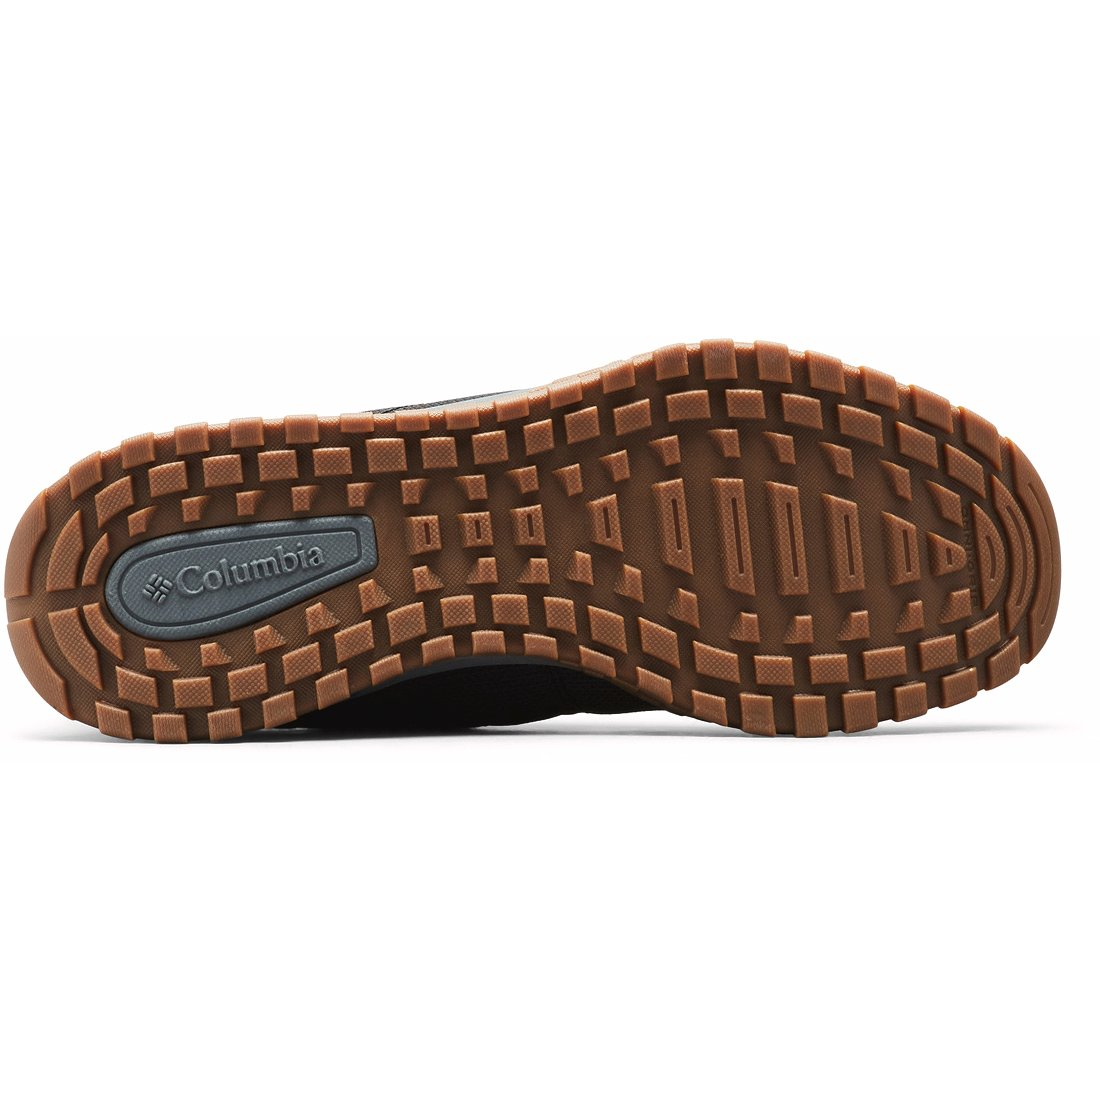 נעליים לגברים - Fairbanks Low - Columbia